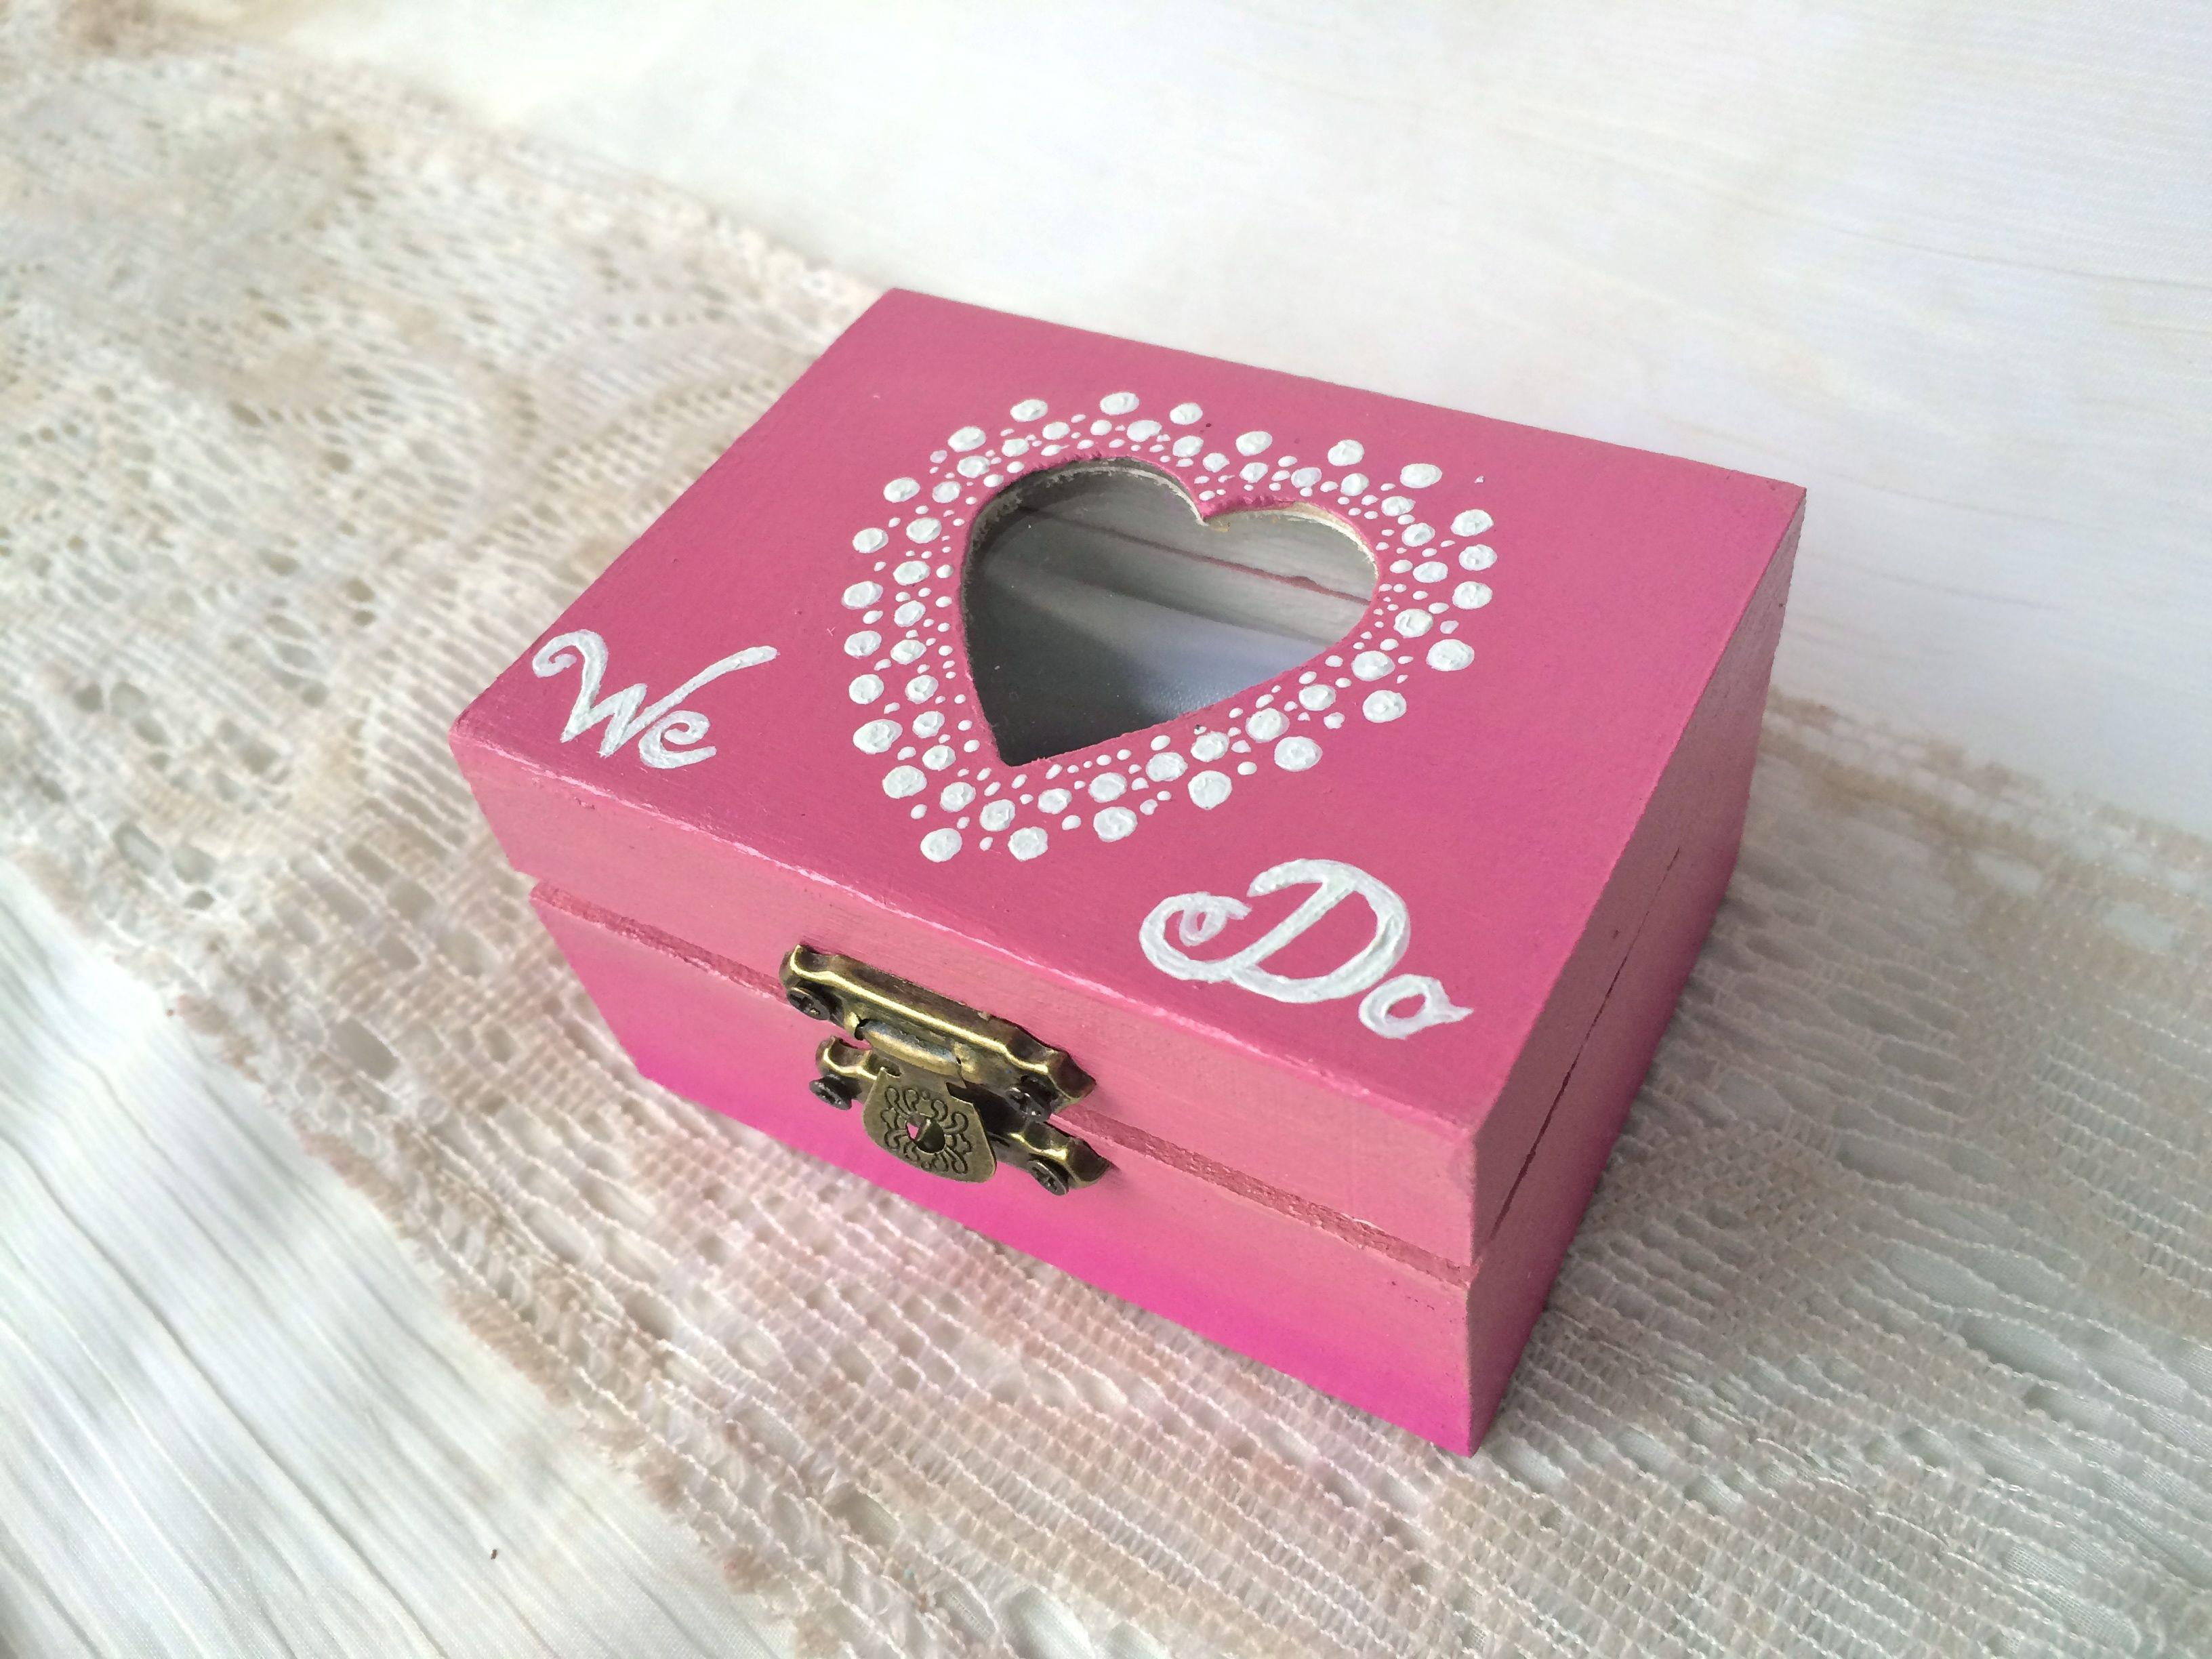 PINK Wedding ring box   WEDDING Ring Boxes :)   Pinterest   Wedding ...